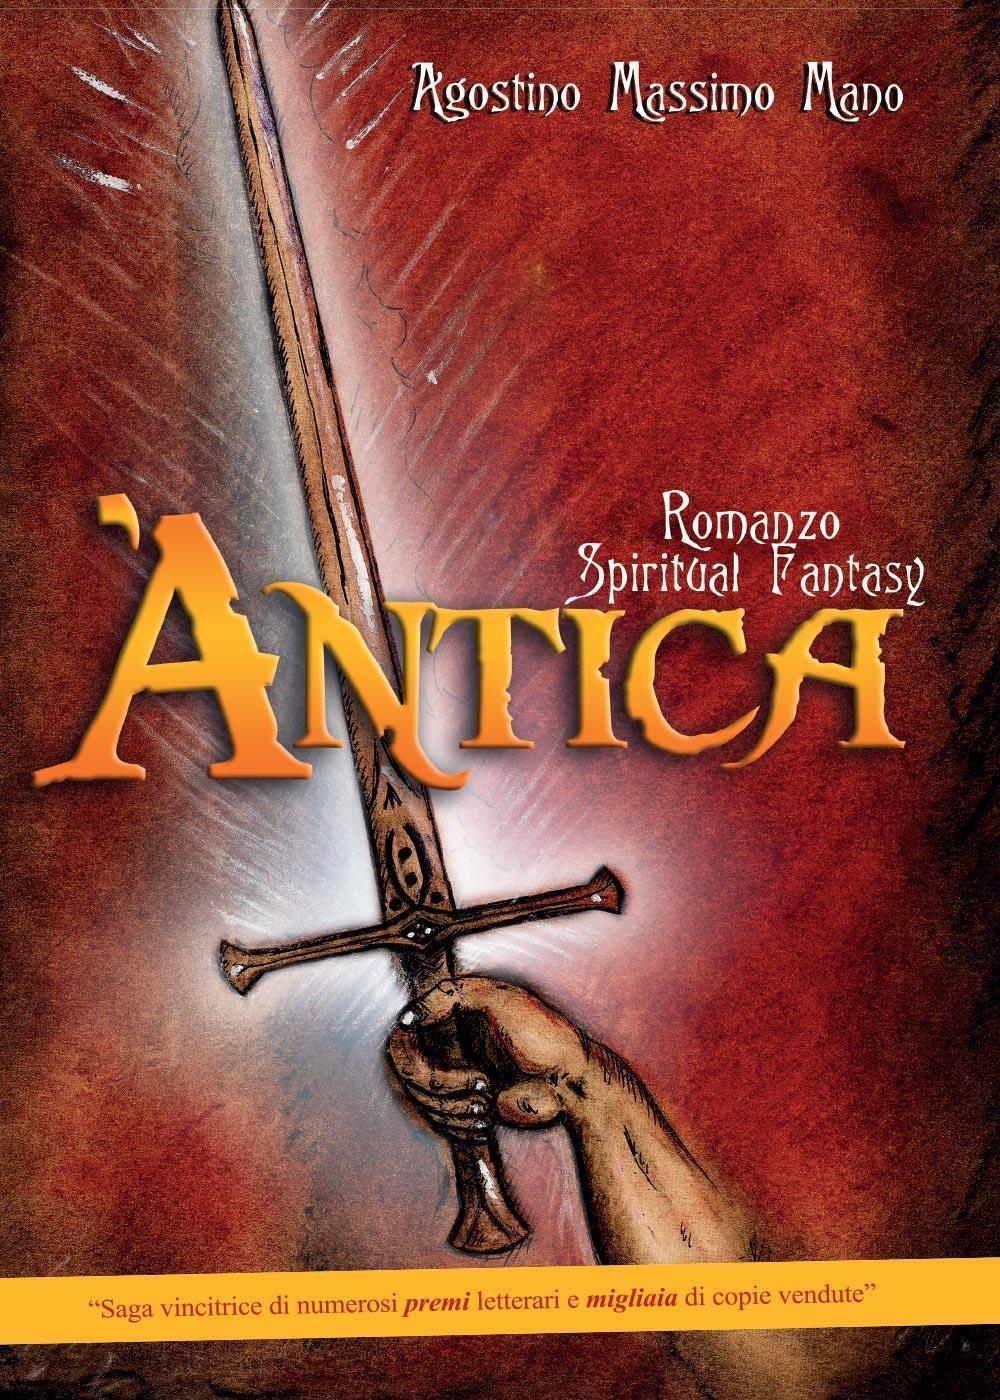 Àntica Romanzo Fantasy